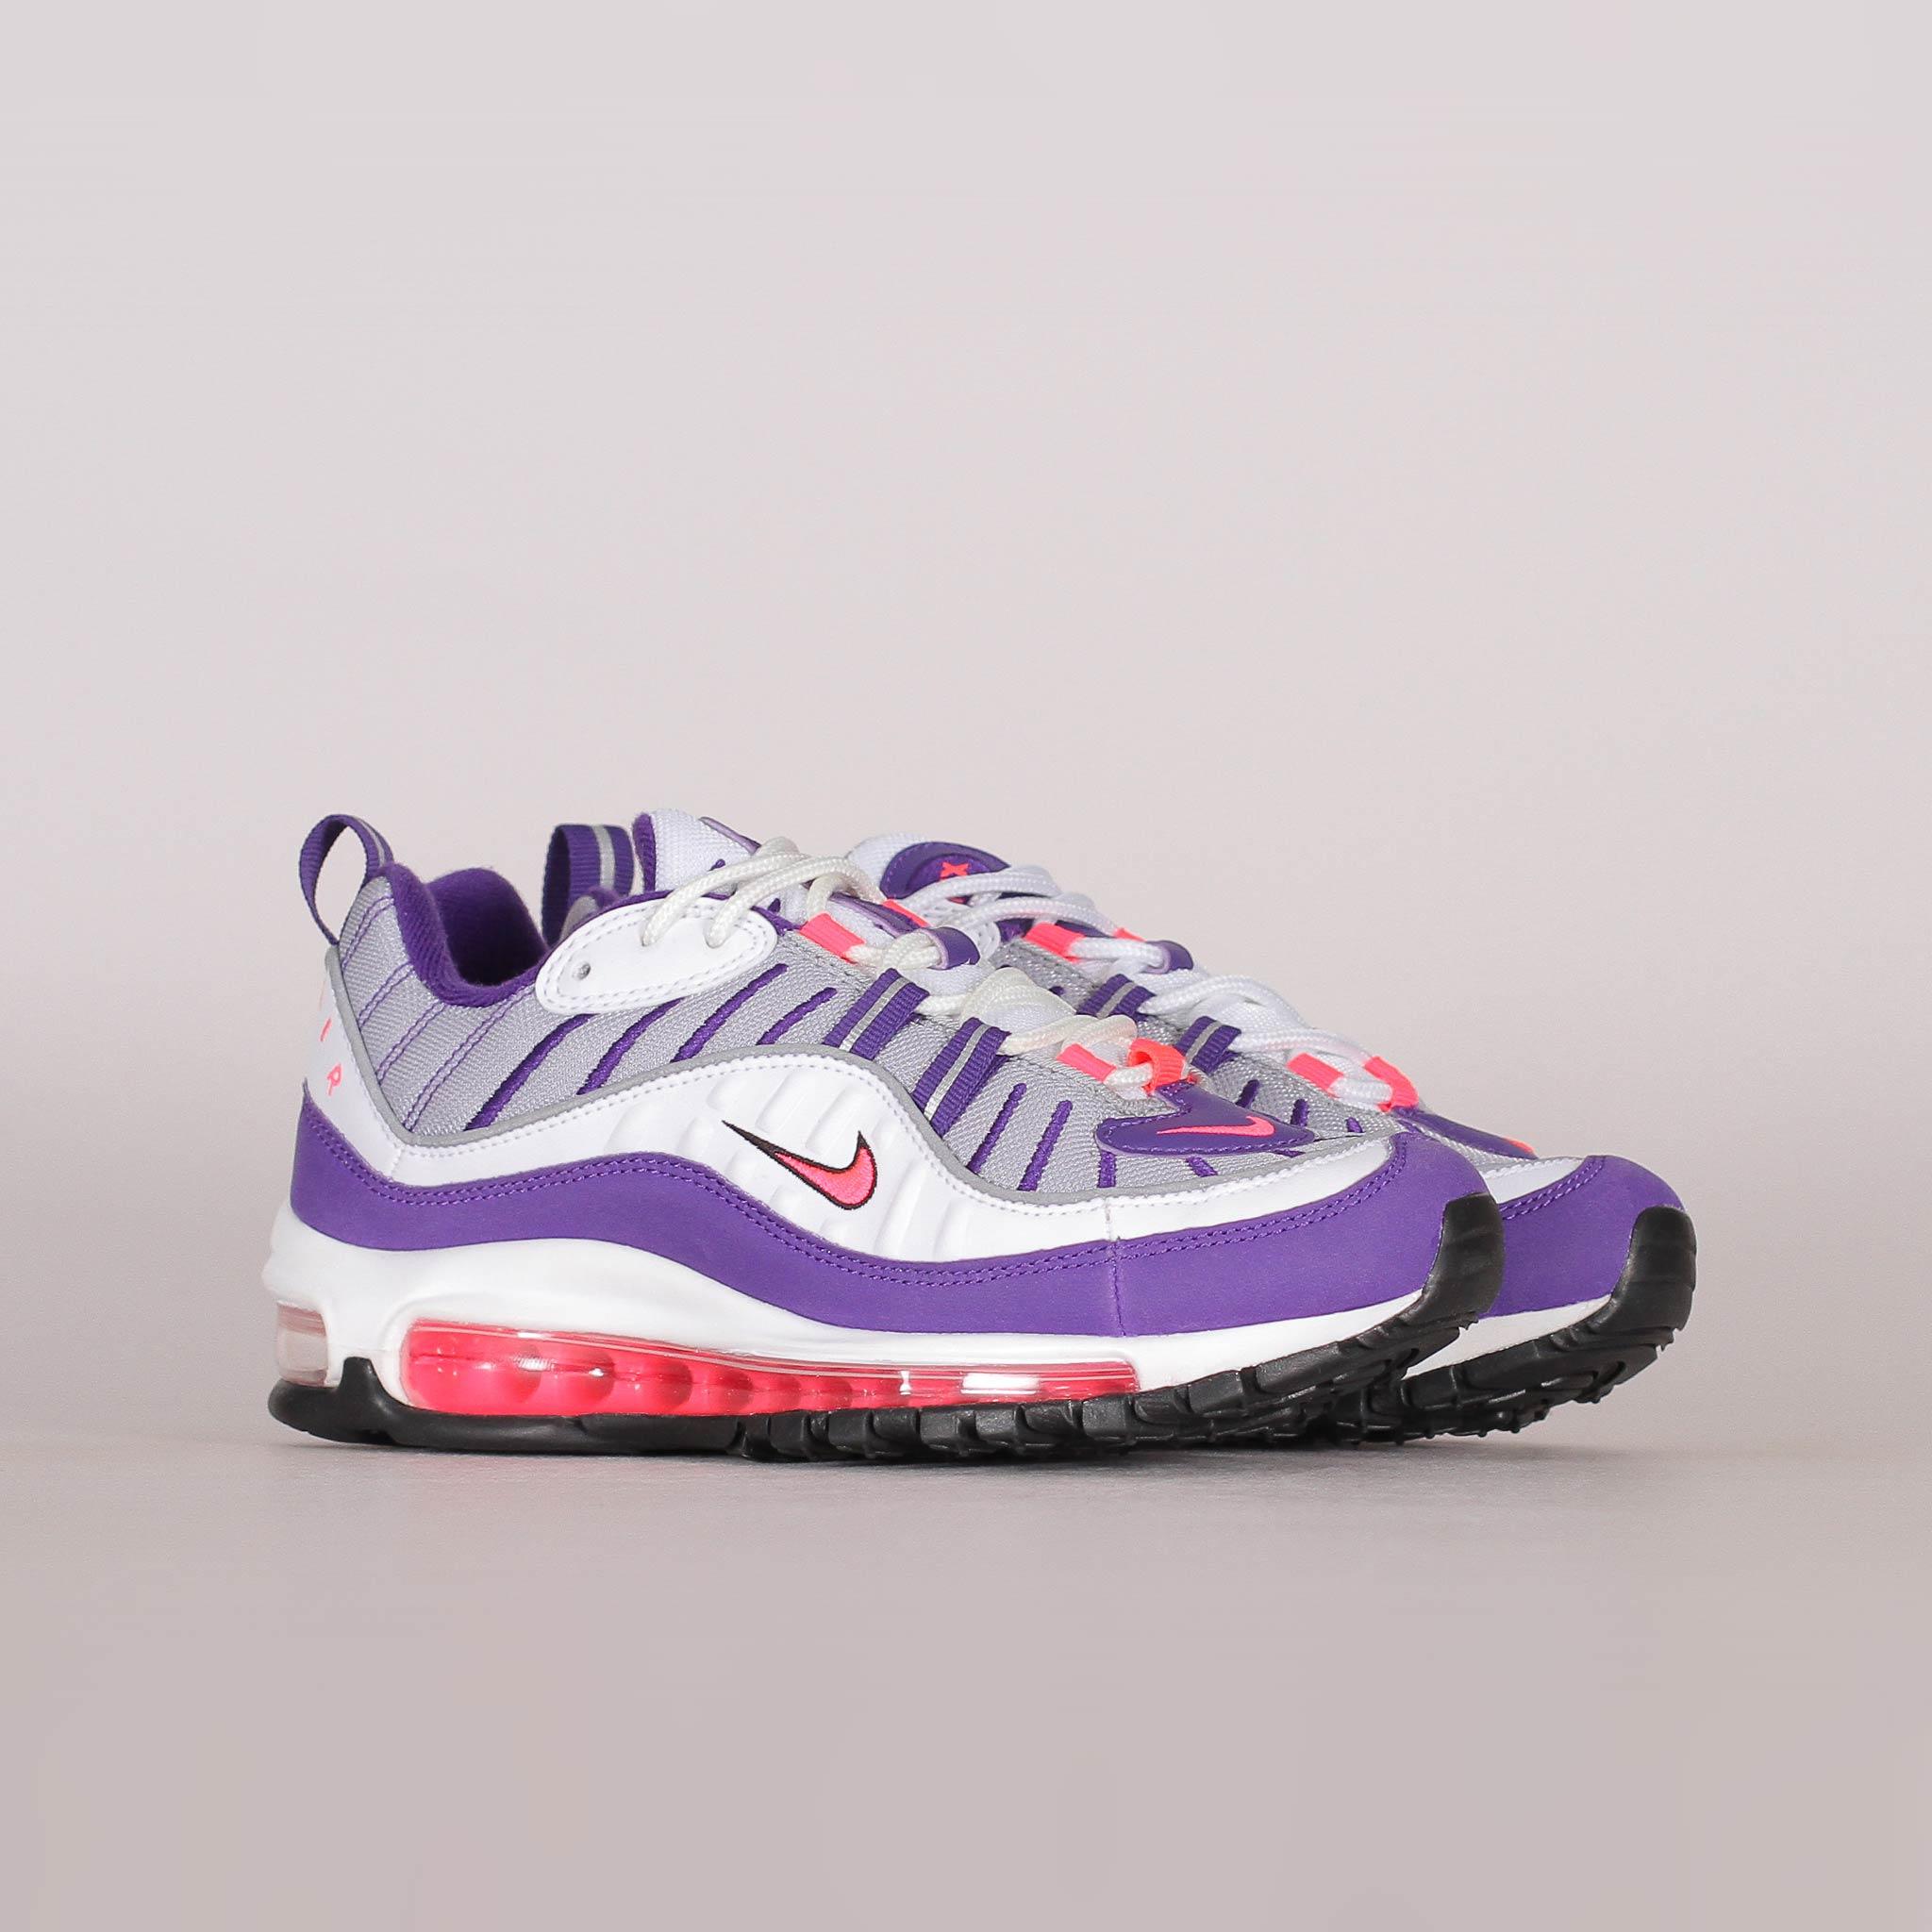 Nike Womens Air Max 98 (AH6799 110)